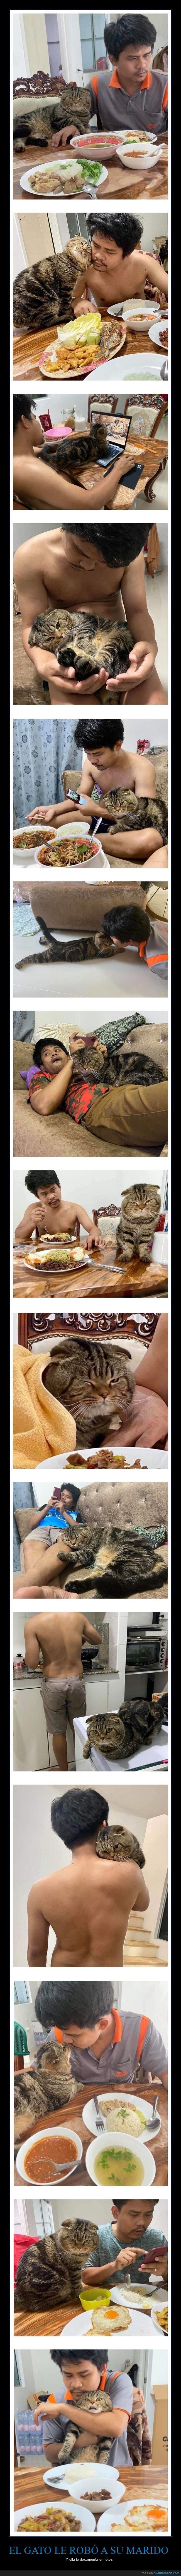 gato,marido,robar